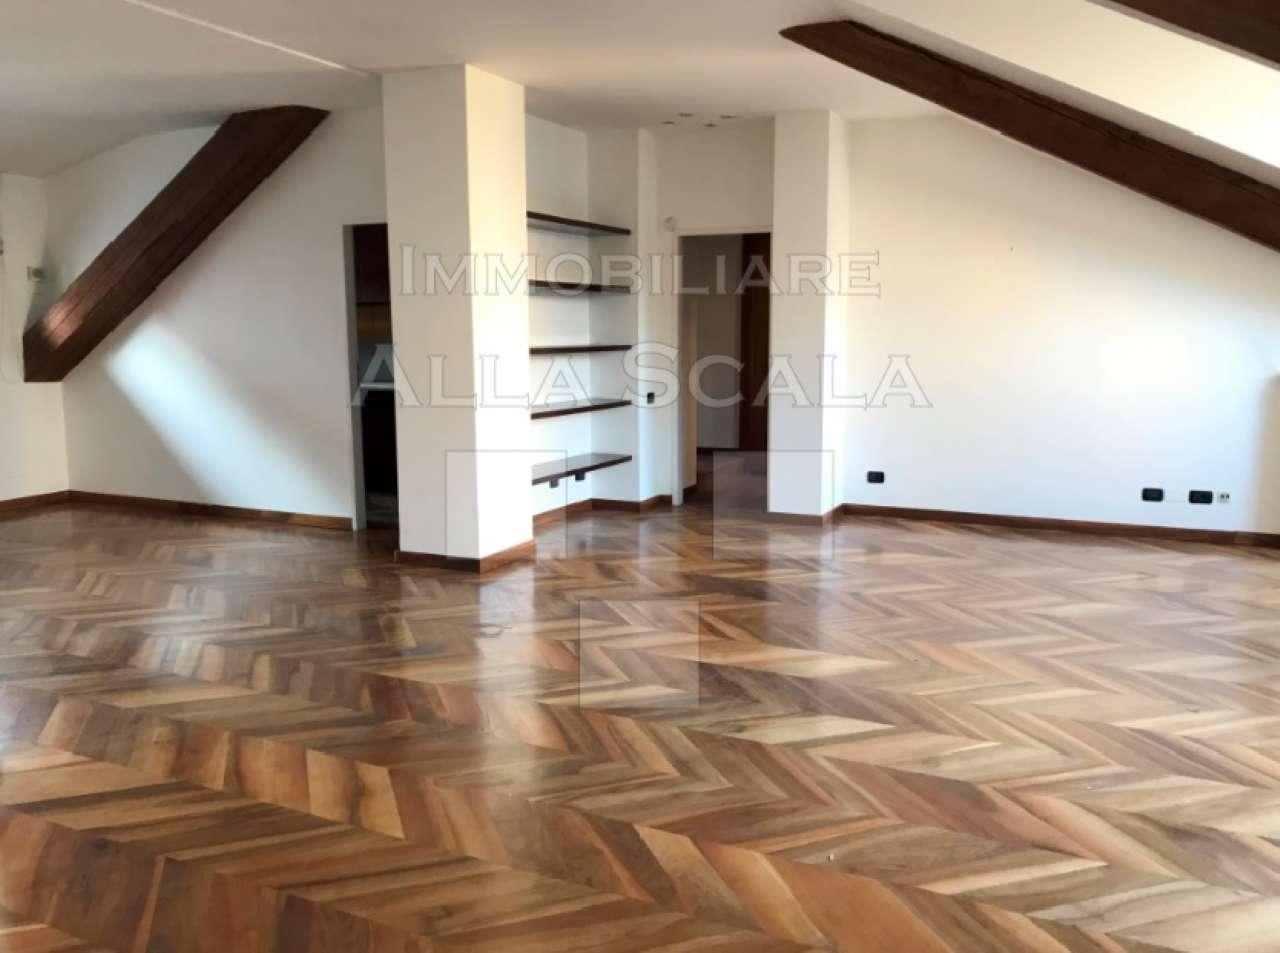 Attico in Affitto a Milano 01 Centro storico (Cerchia dei Navigli): 5 locali, 170 mq